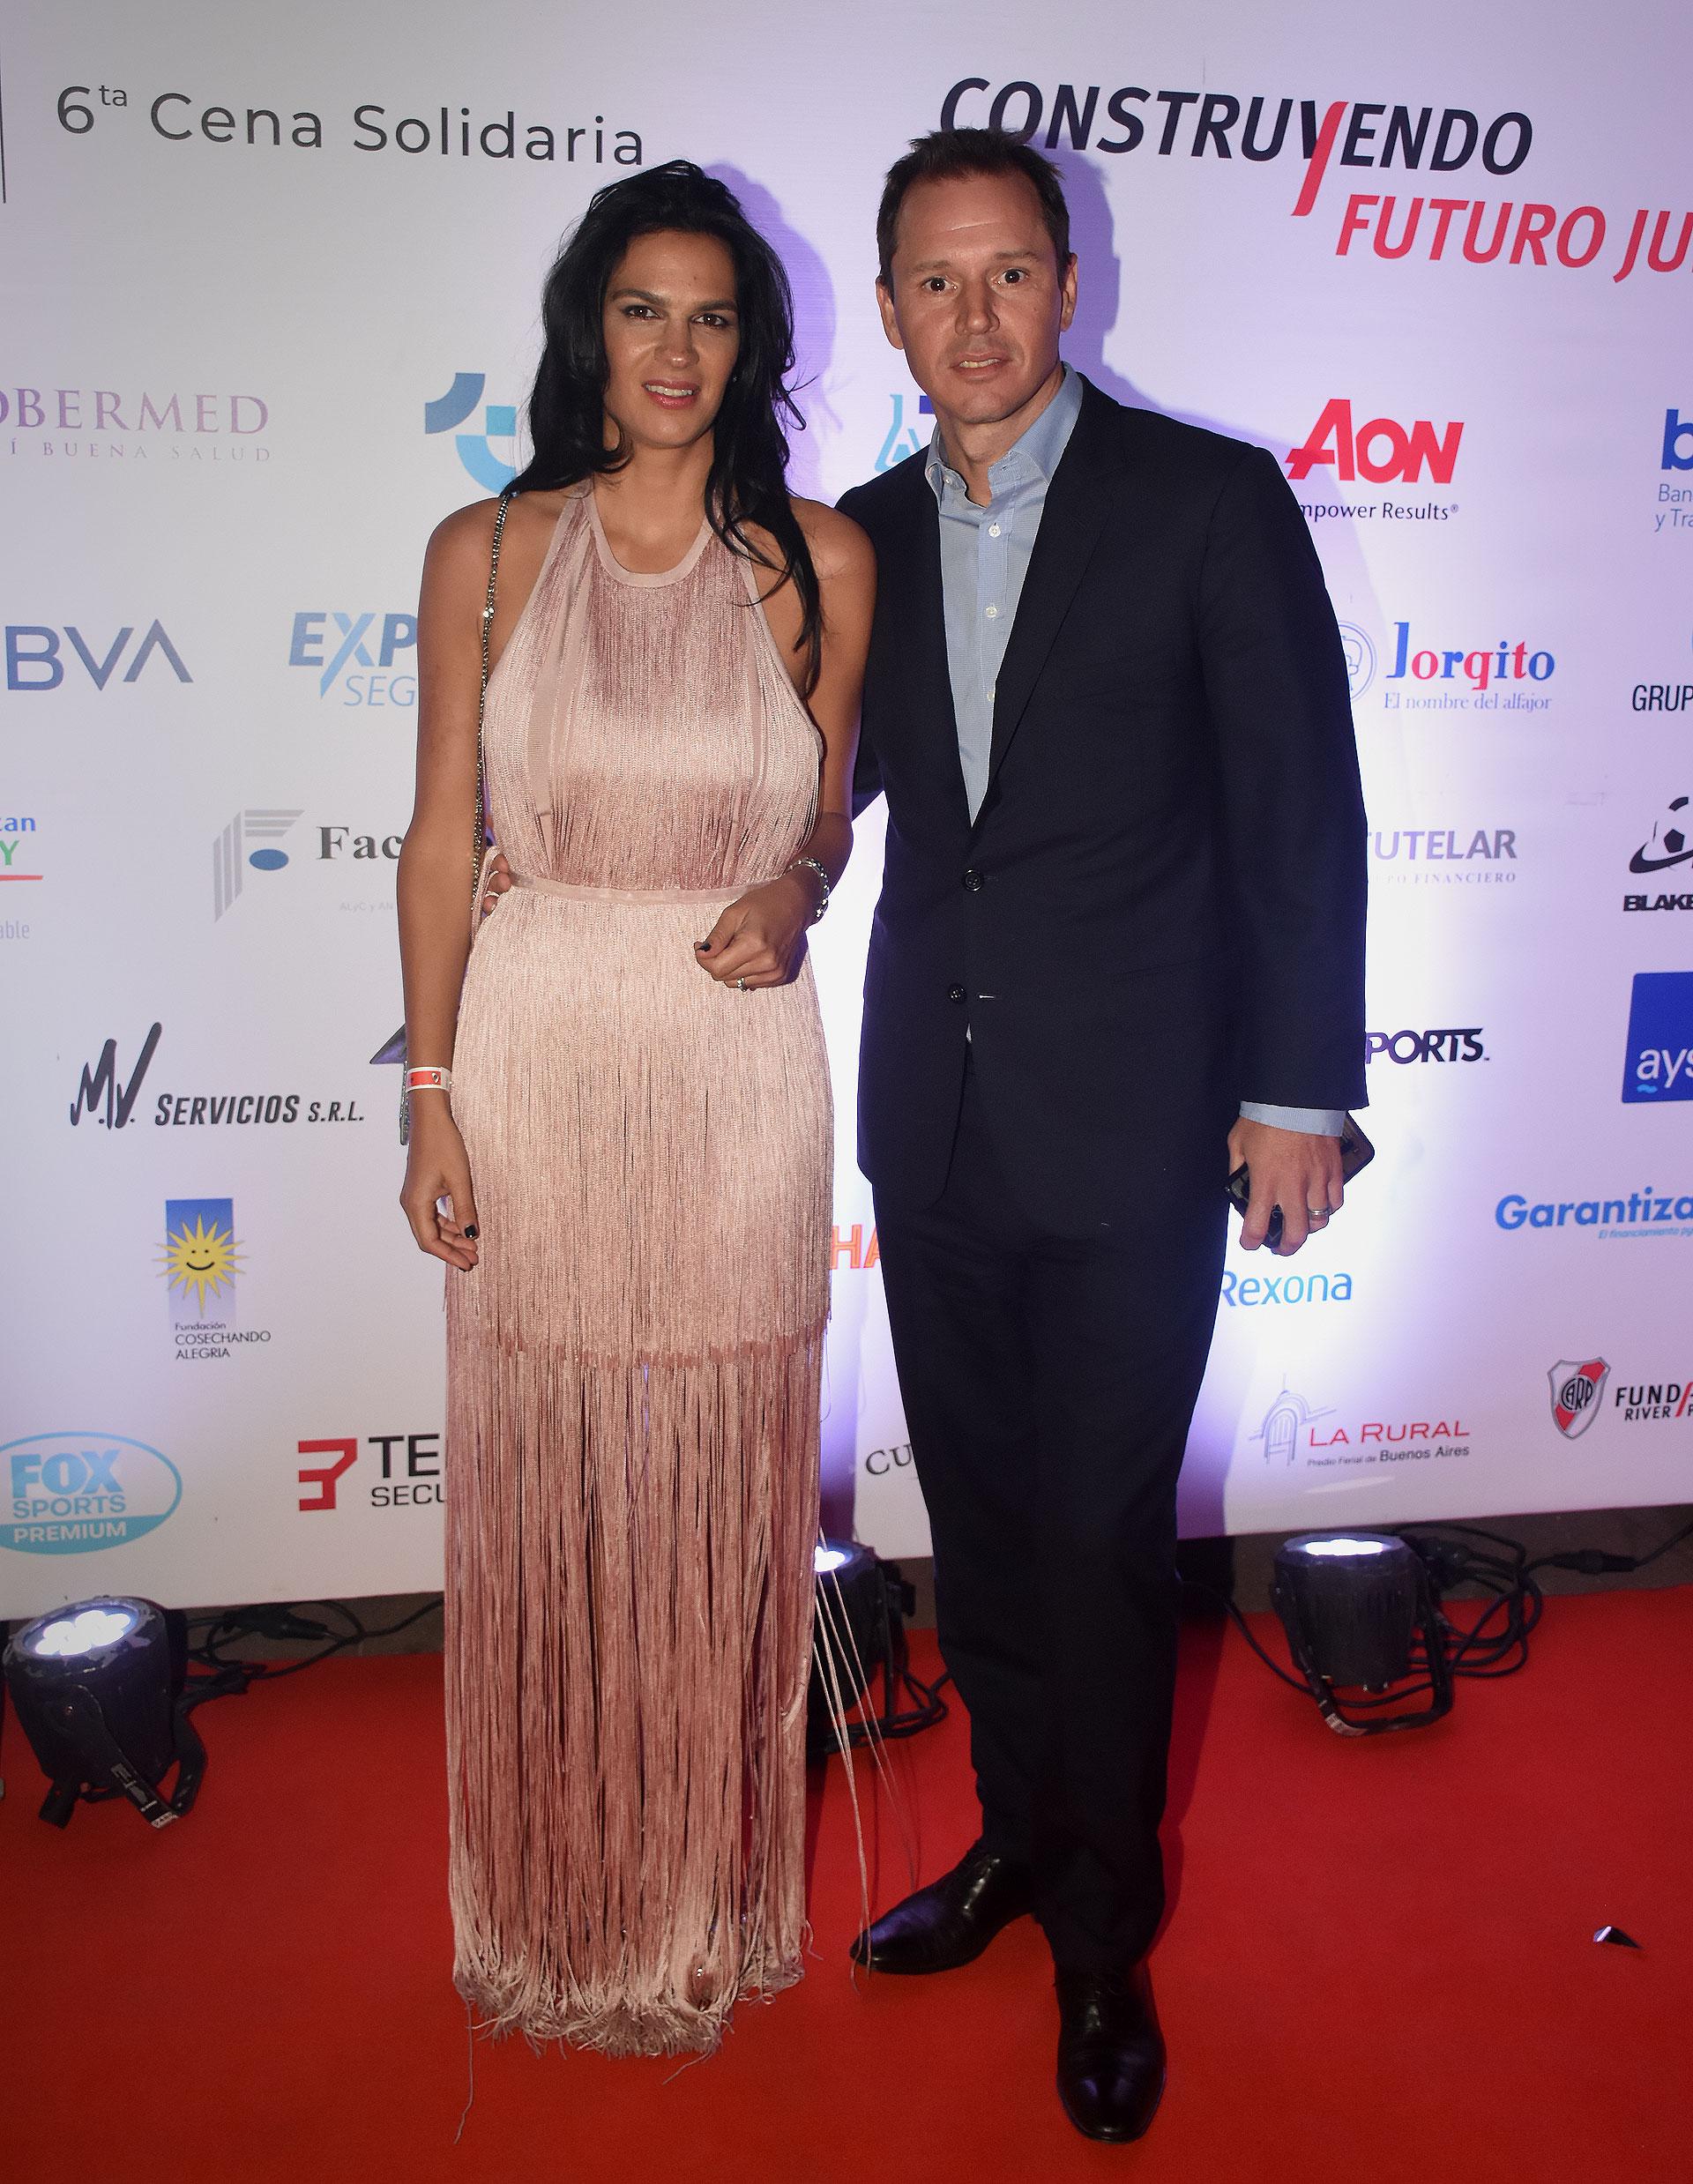 El vicepresidente de River, Jorge Brito, y su mujer Gabriela Vaca Guzmán